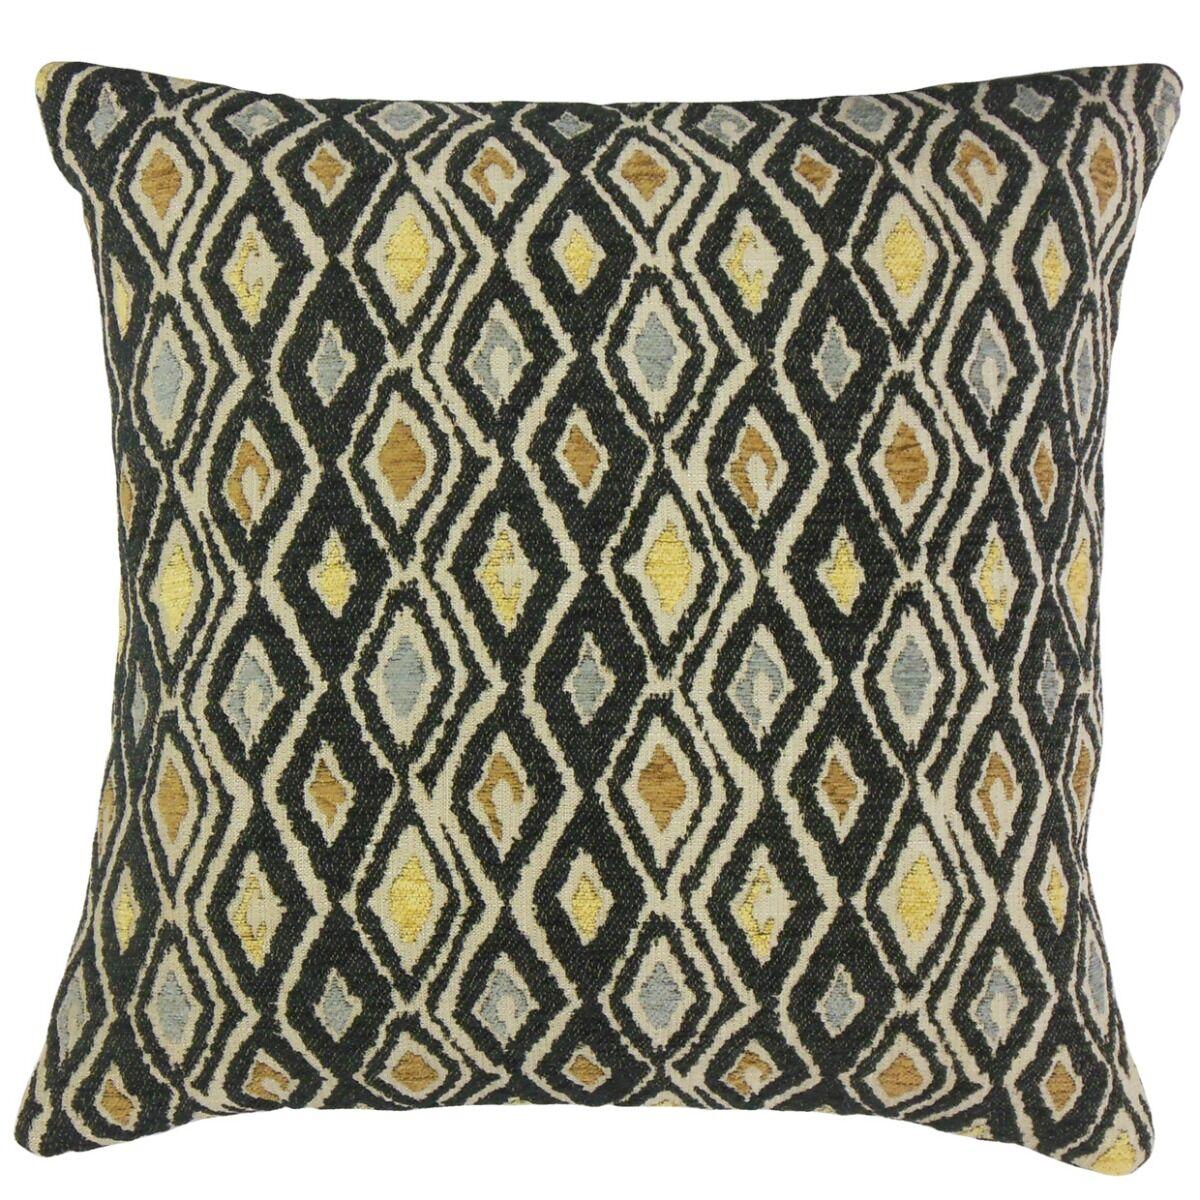 Lancaster Ikat Pillow Color: Black, Size: 22